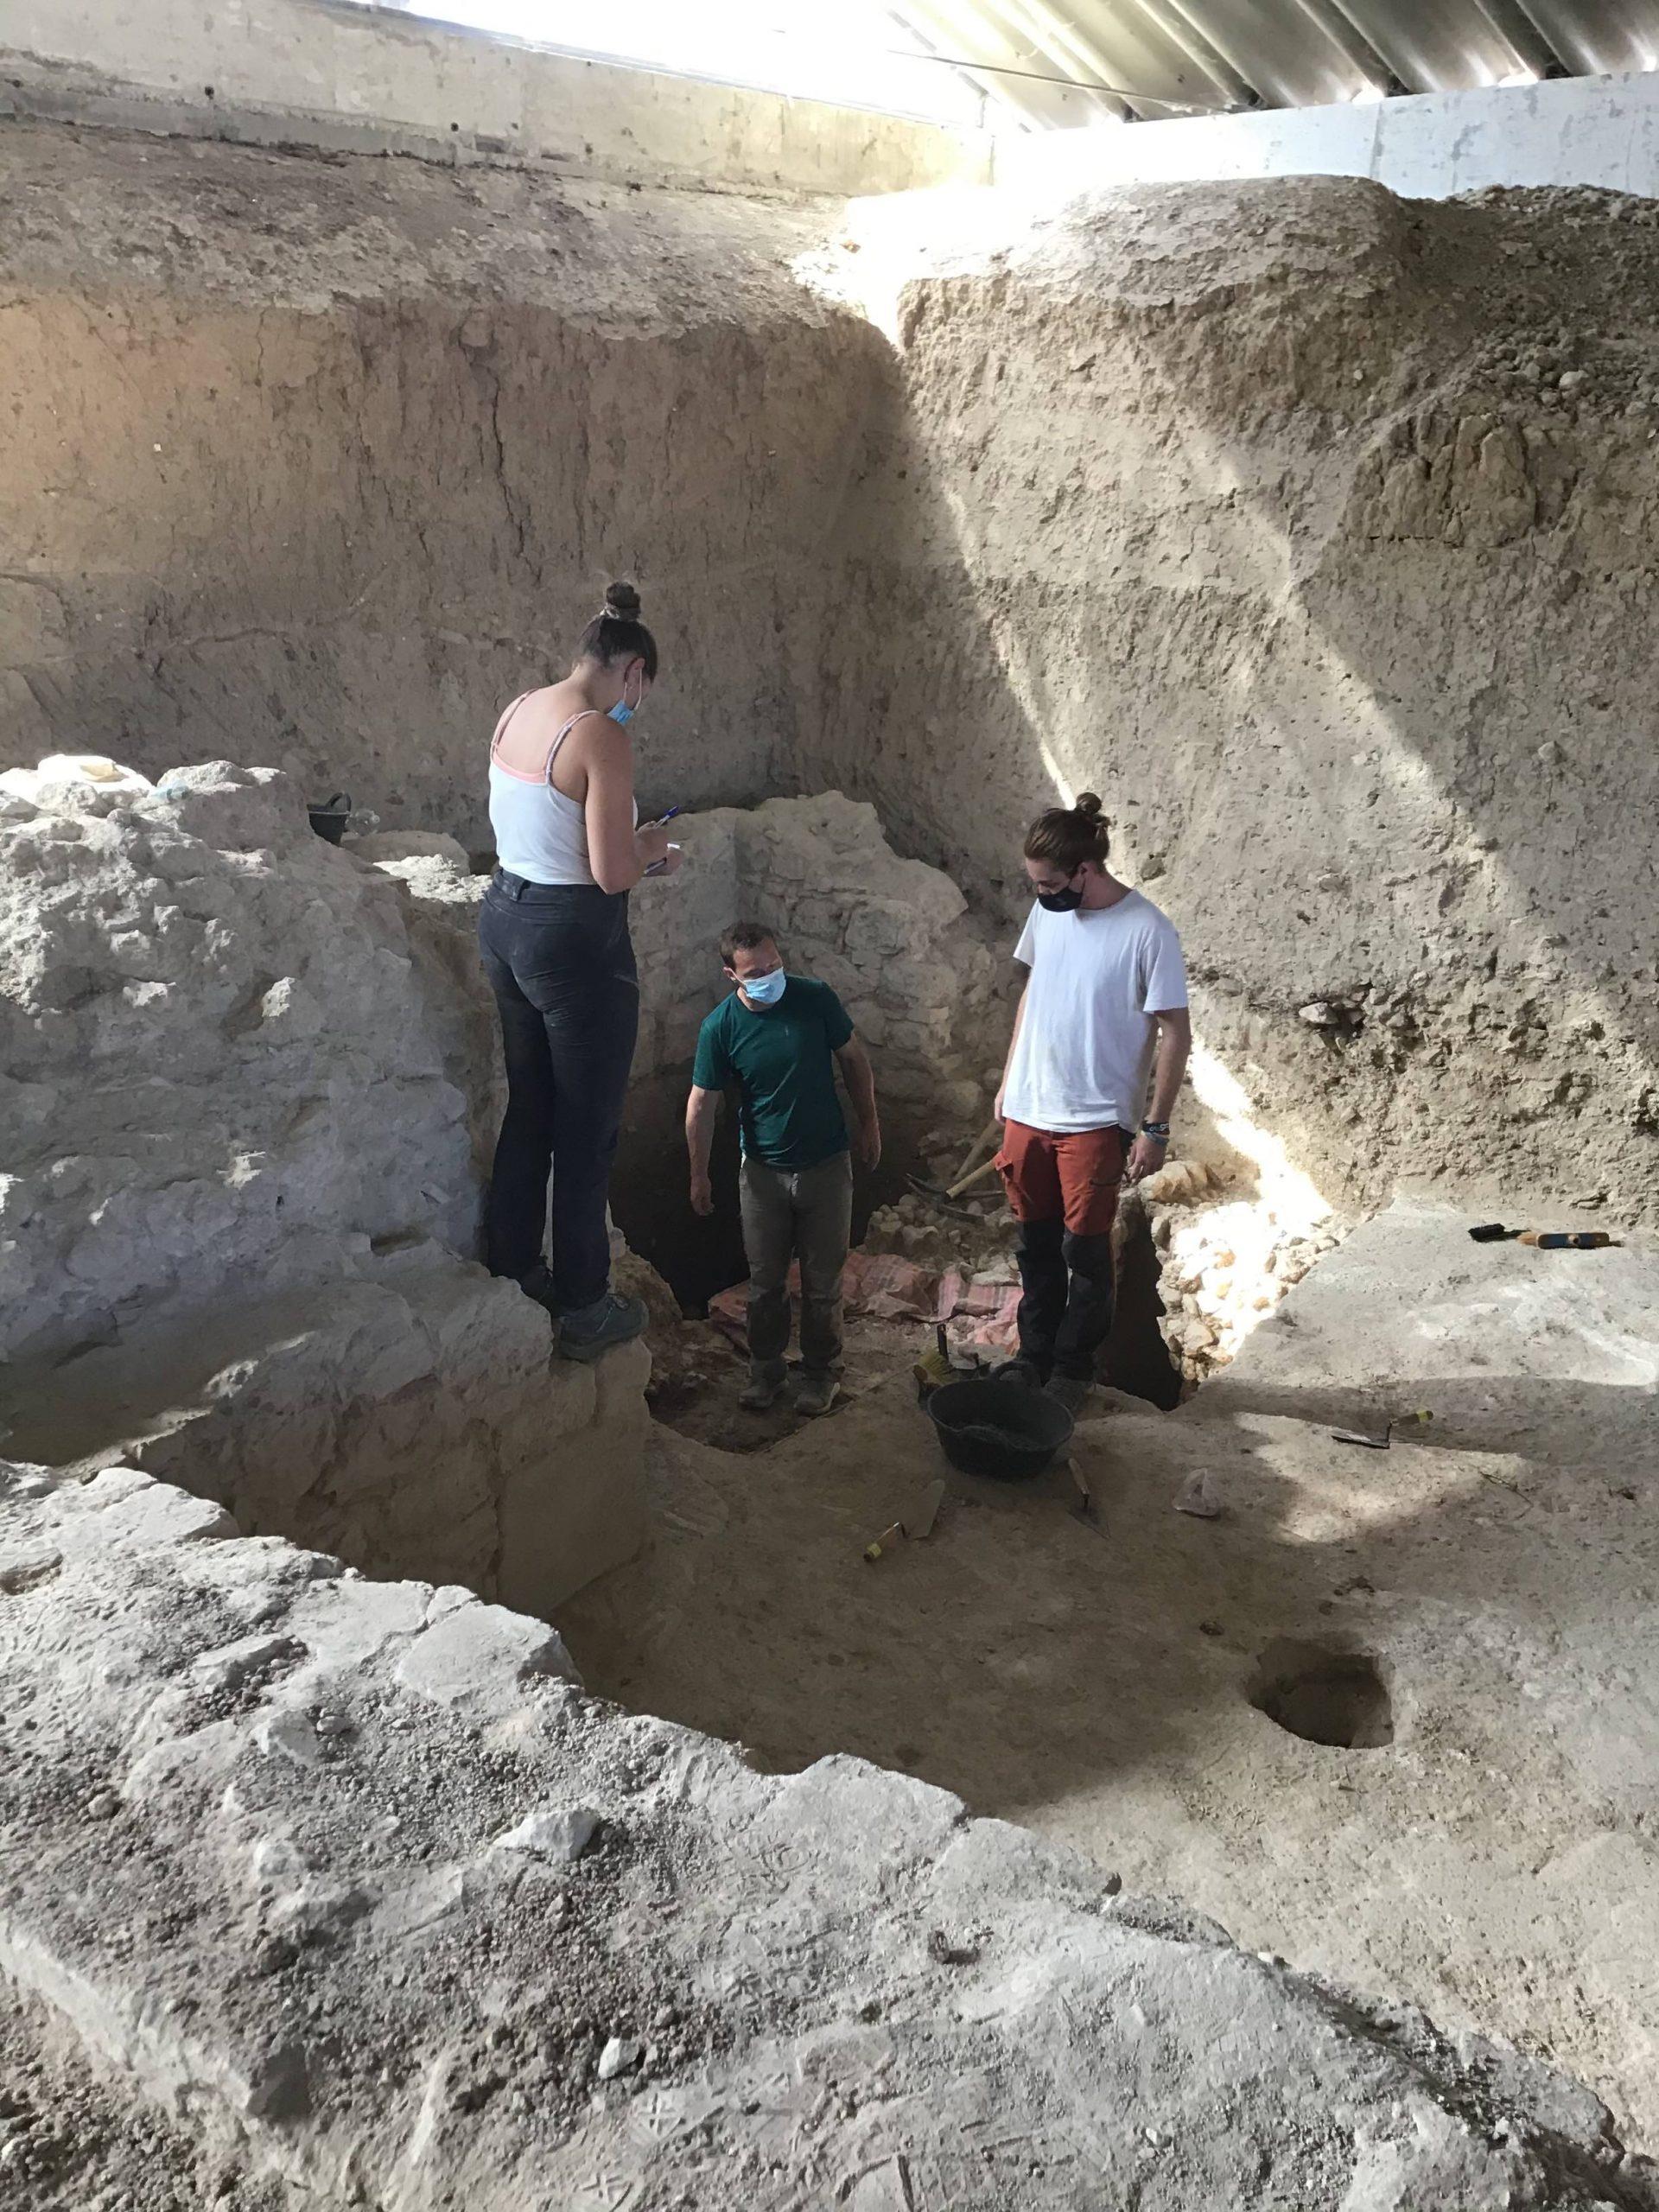 Zona A sondeo. Análisis de los resultados al final de la excavación